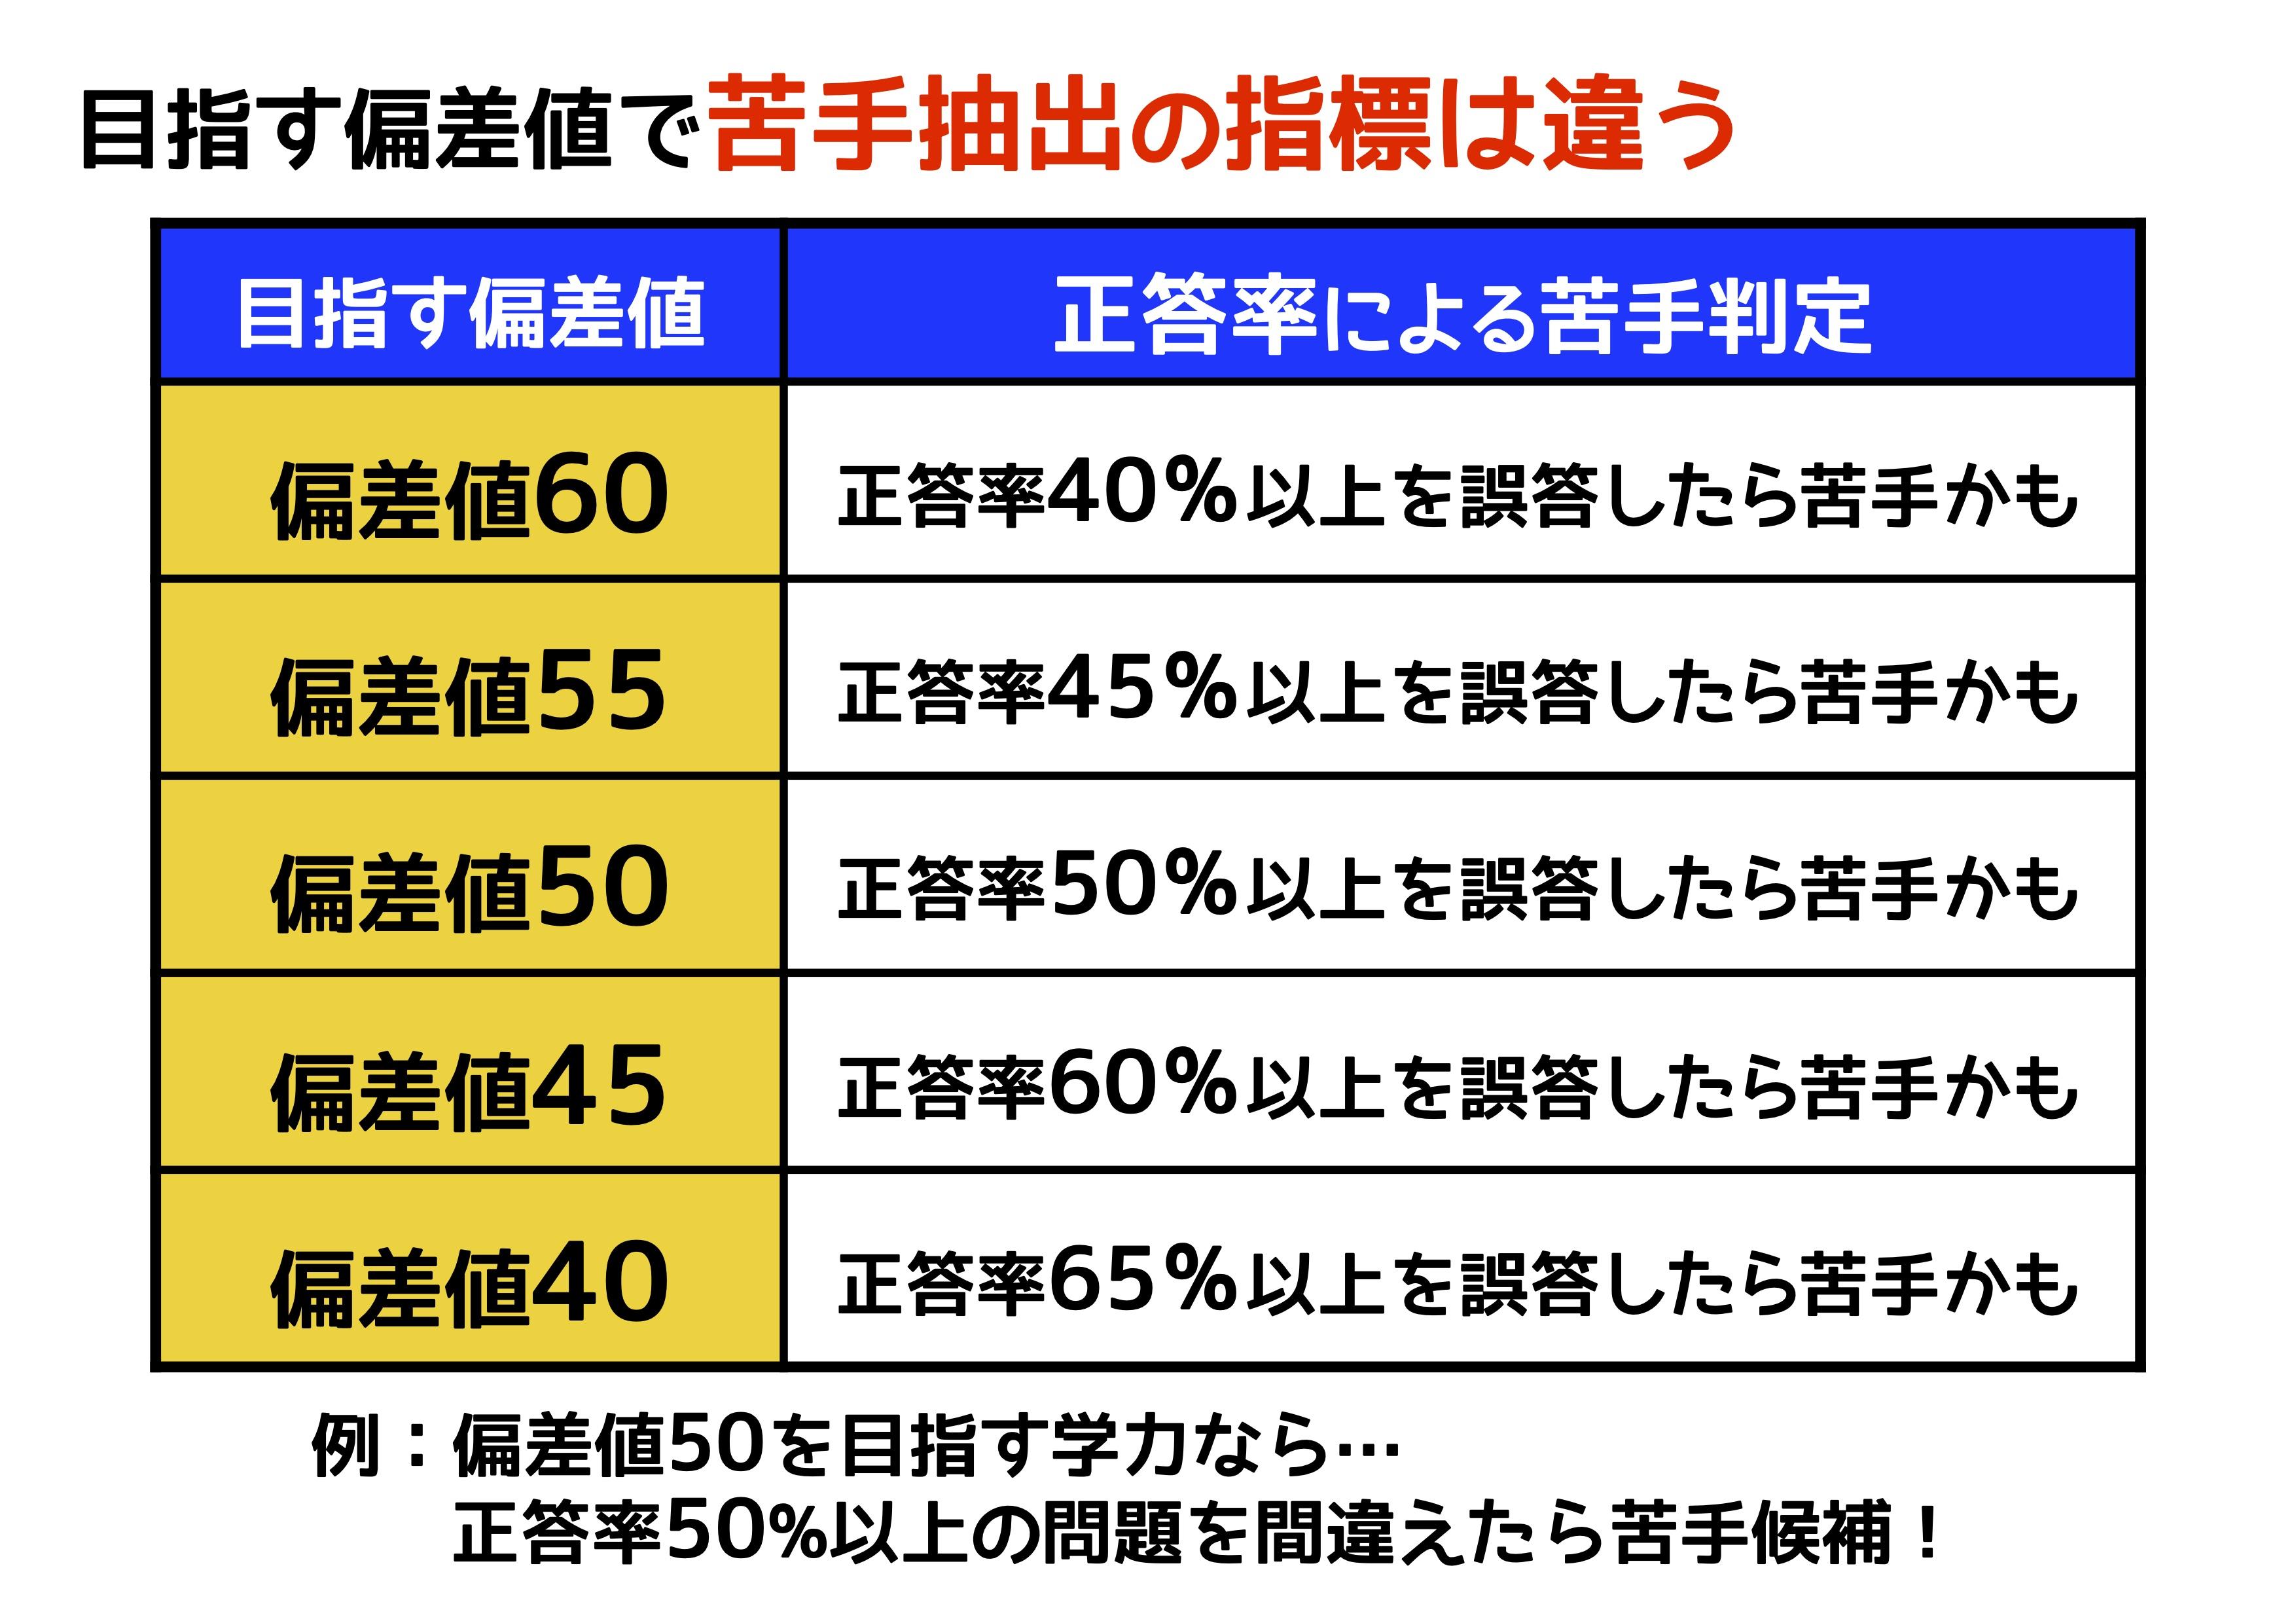 四谷 大塚 偏差 値 45